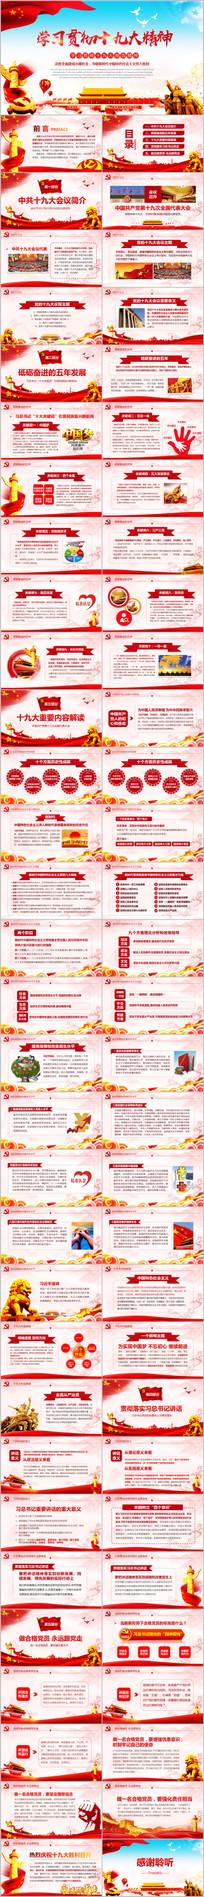 中国共产党章程十九大党章PPT